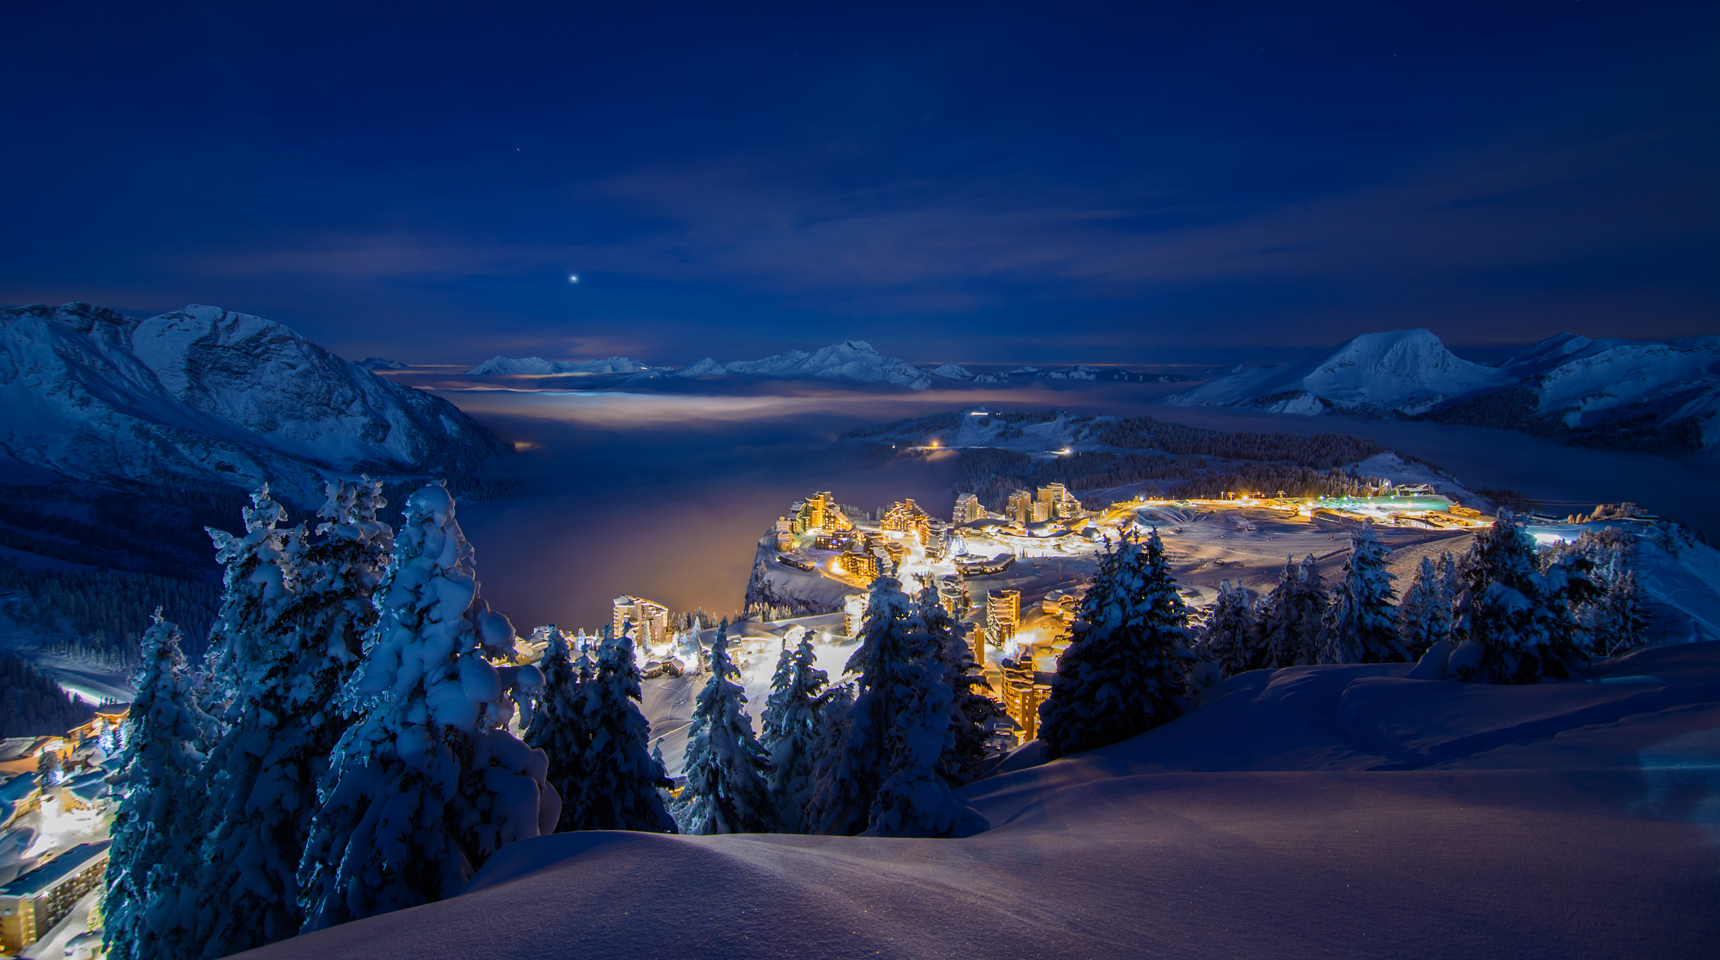 Avoriaz tourisme savoie mont blanc savoie et haute savoie alpes - Avoriaz office de tourisme ...